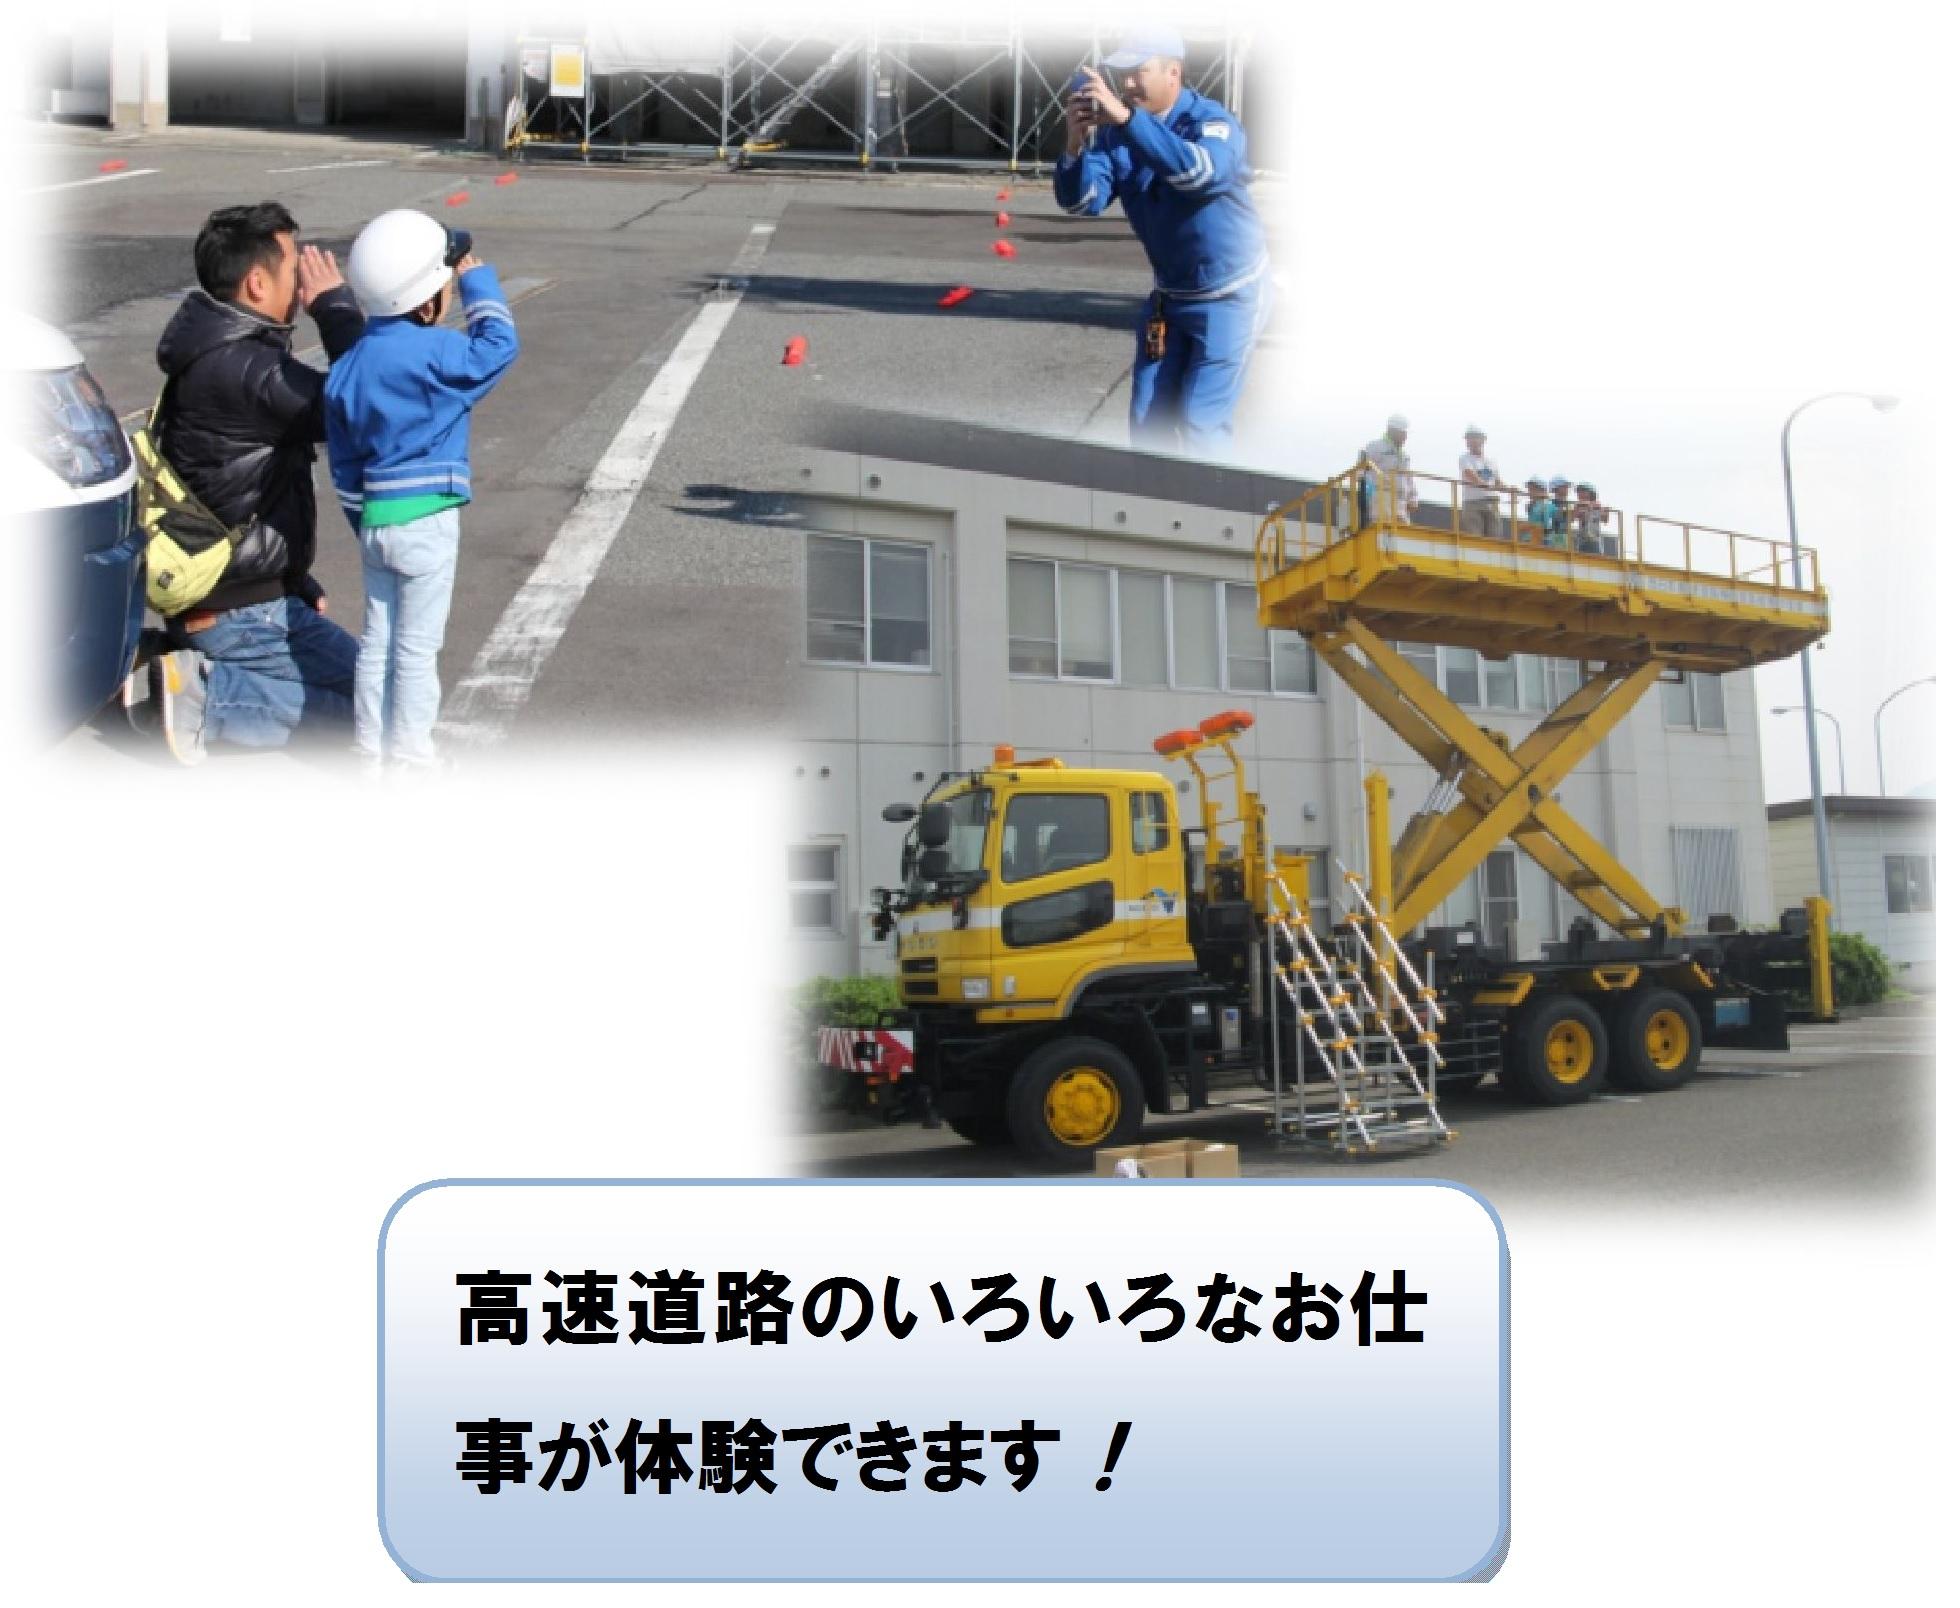 茨木技術研修センターでお仕事体験